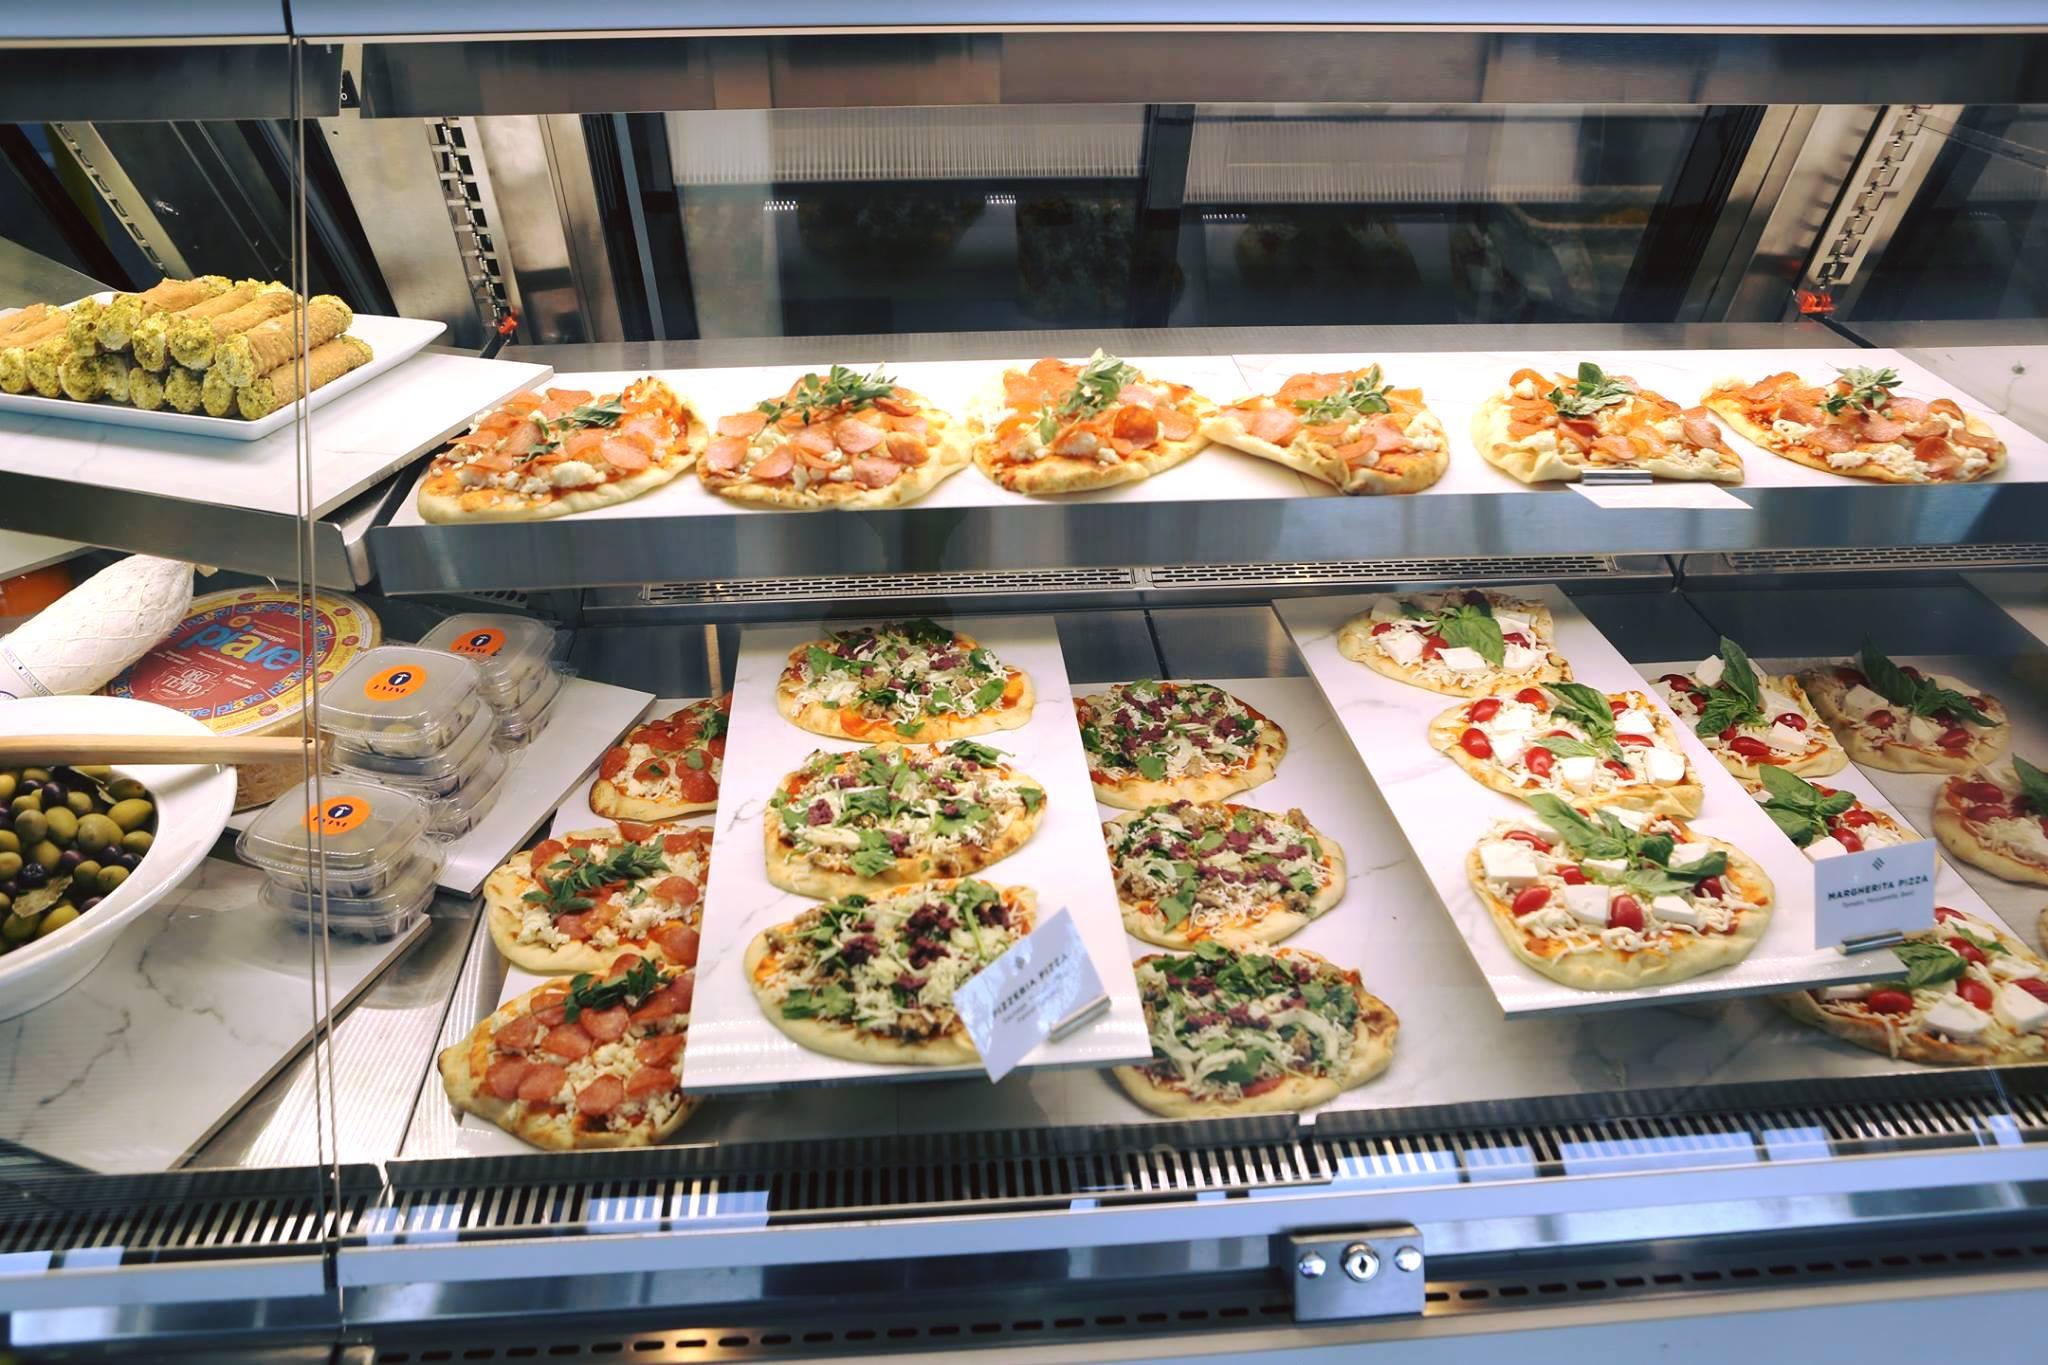 I Vini's pizzas